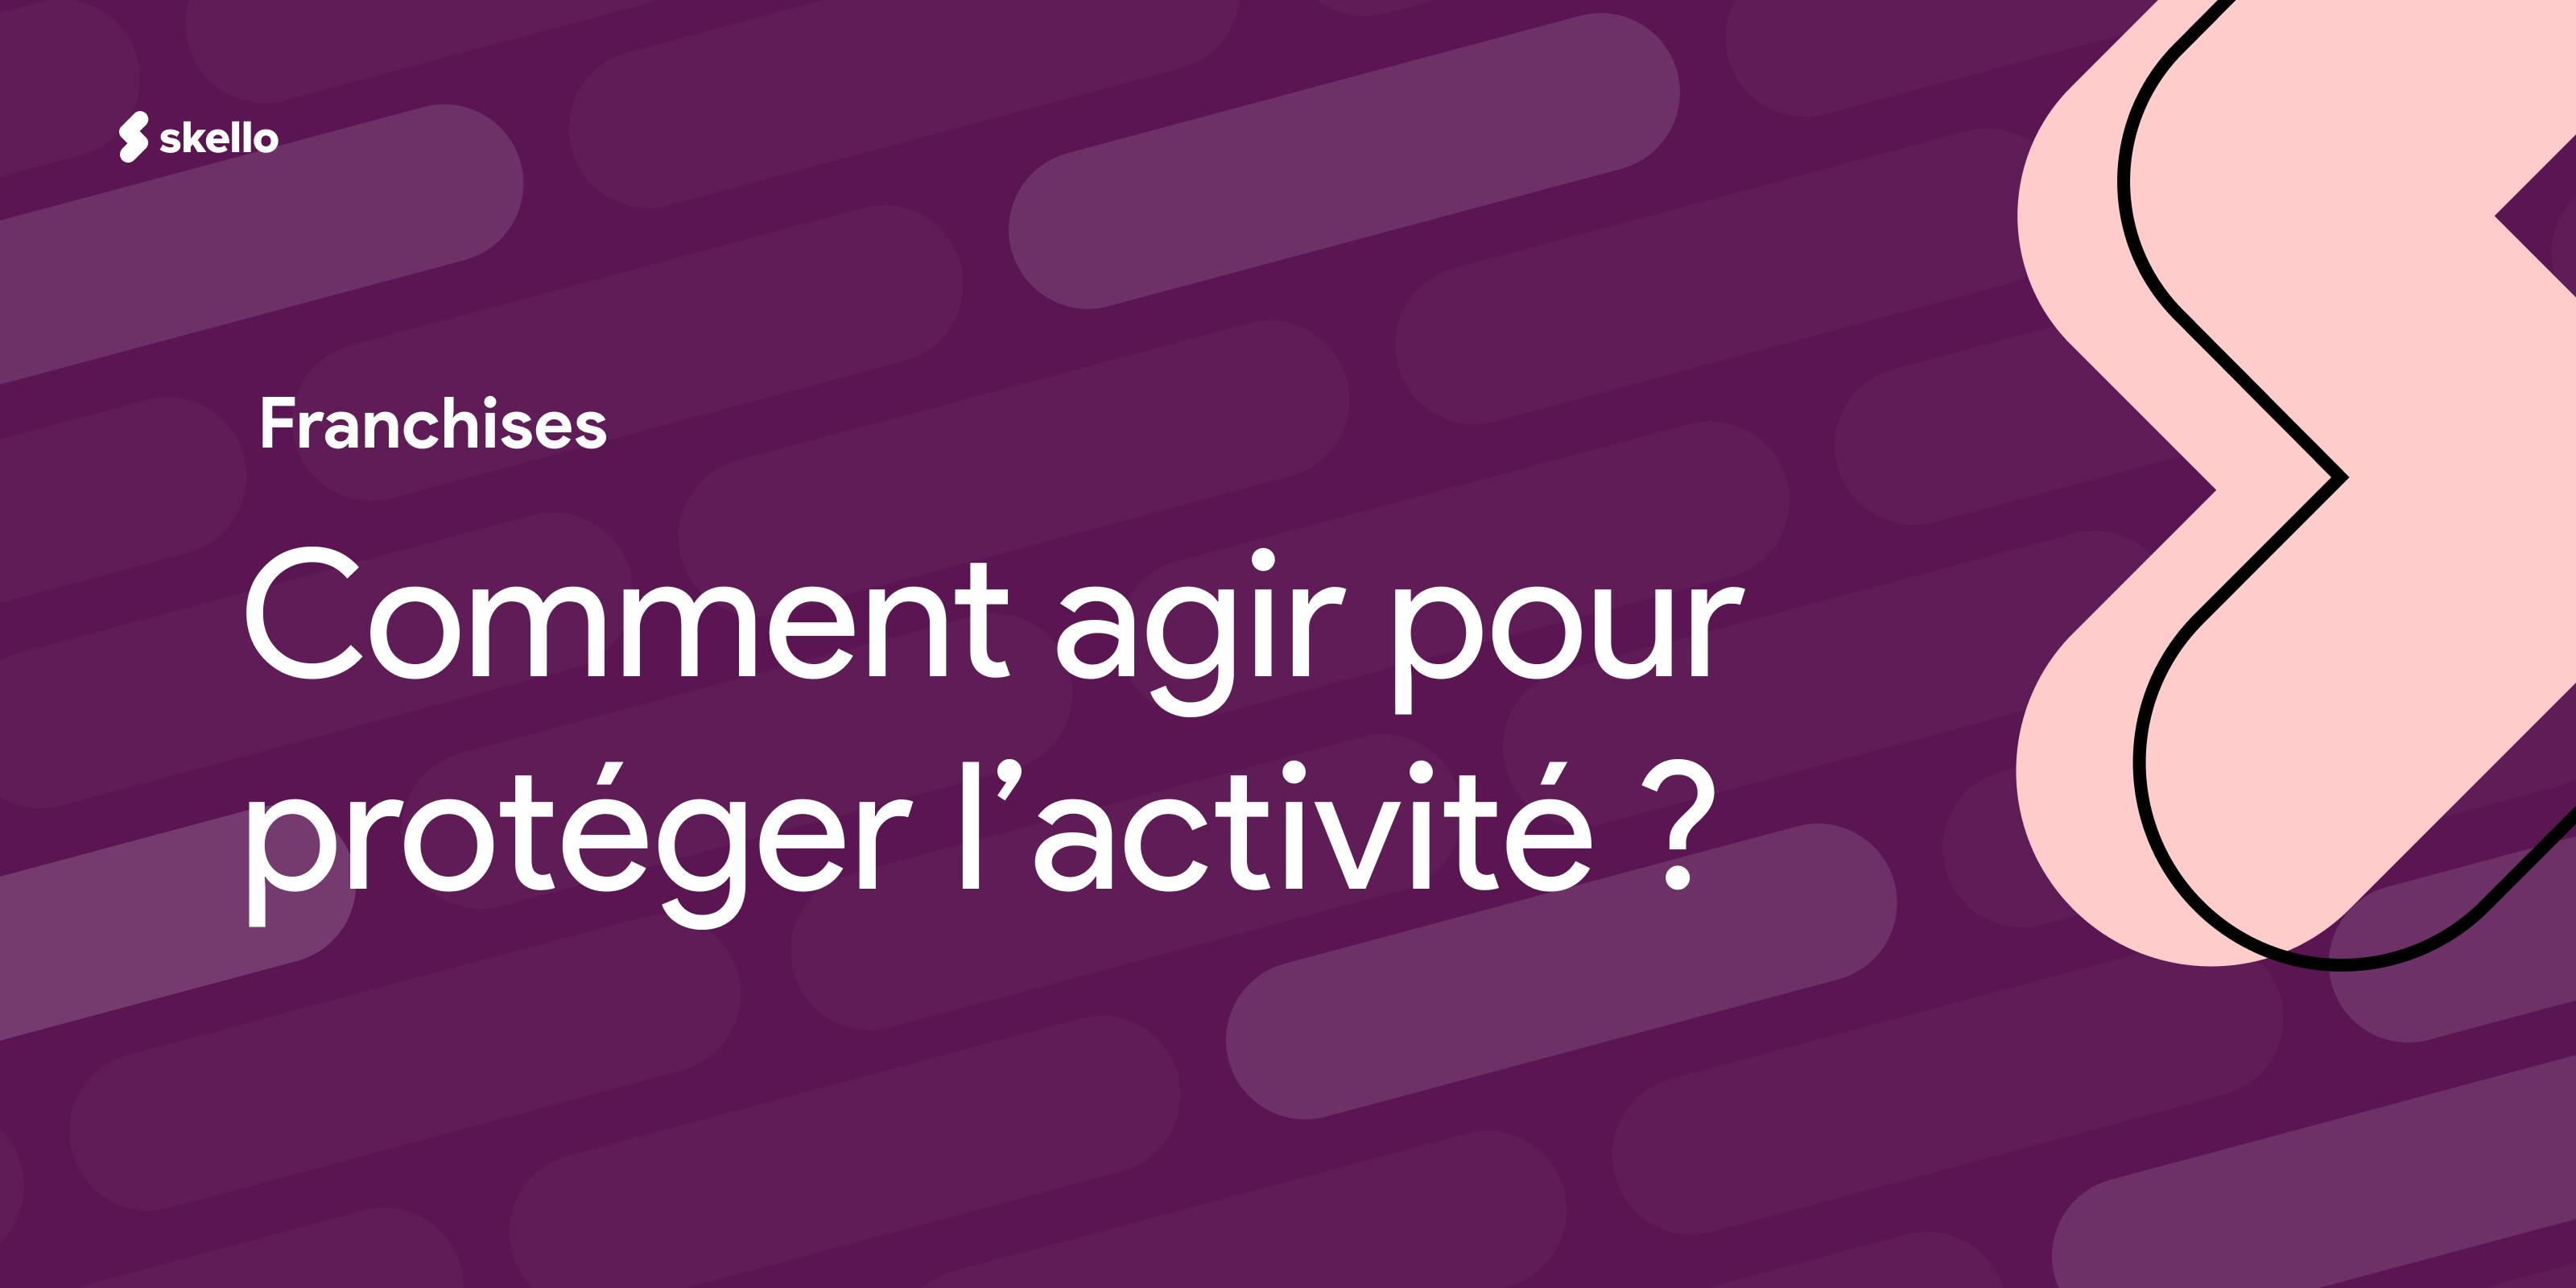 Franchisés: comment agir pour protéger votre activité?